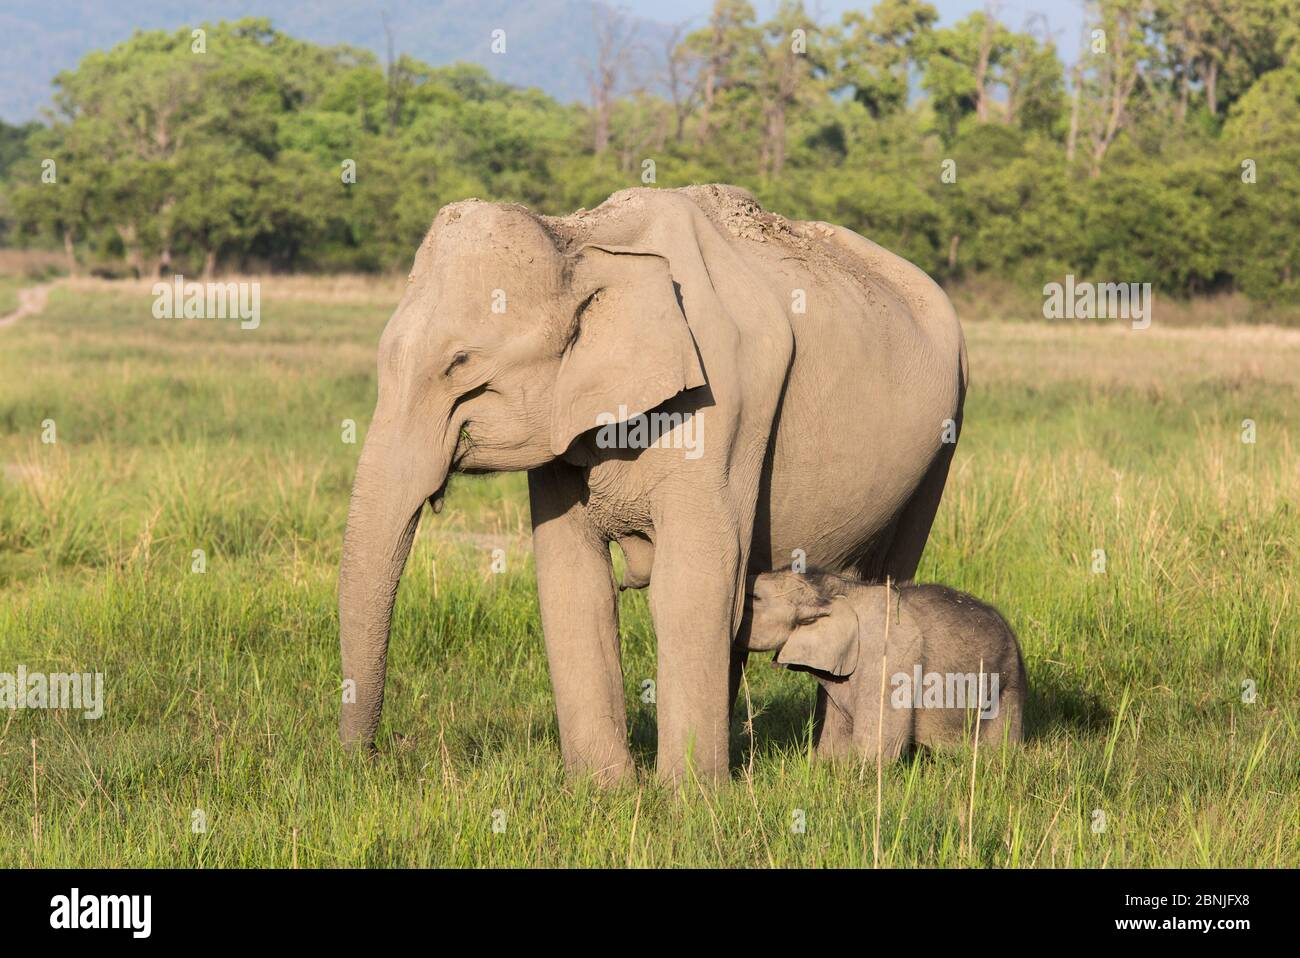 Elefante asiático (Elephas maximus), ternero que mamaba hierba. Jim Corbett National Park, India. Foto de stock